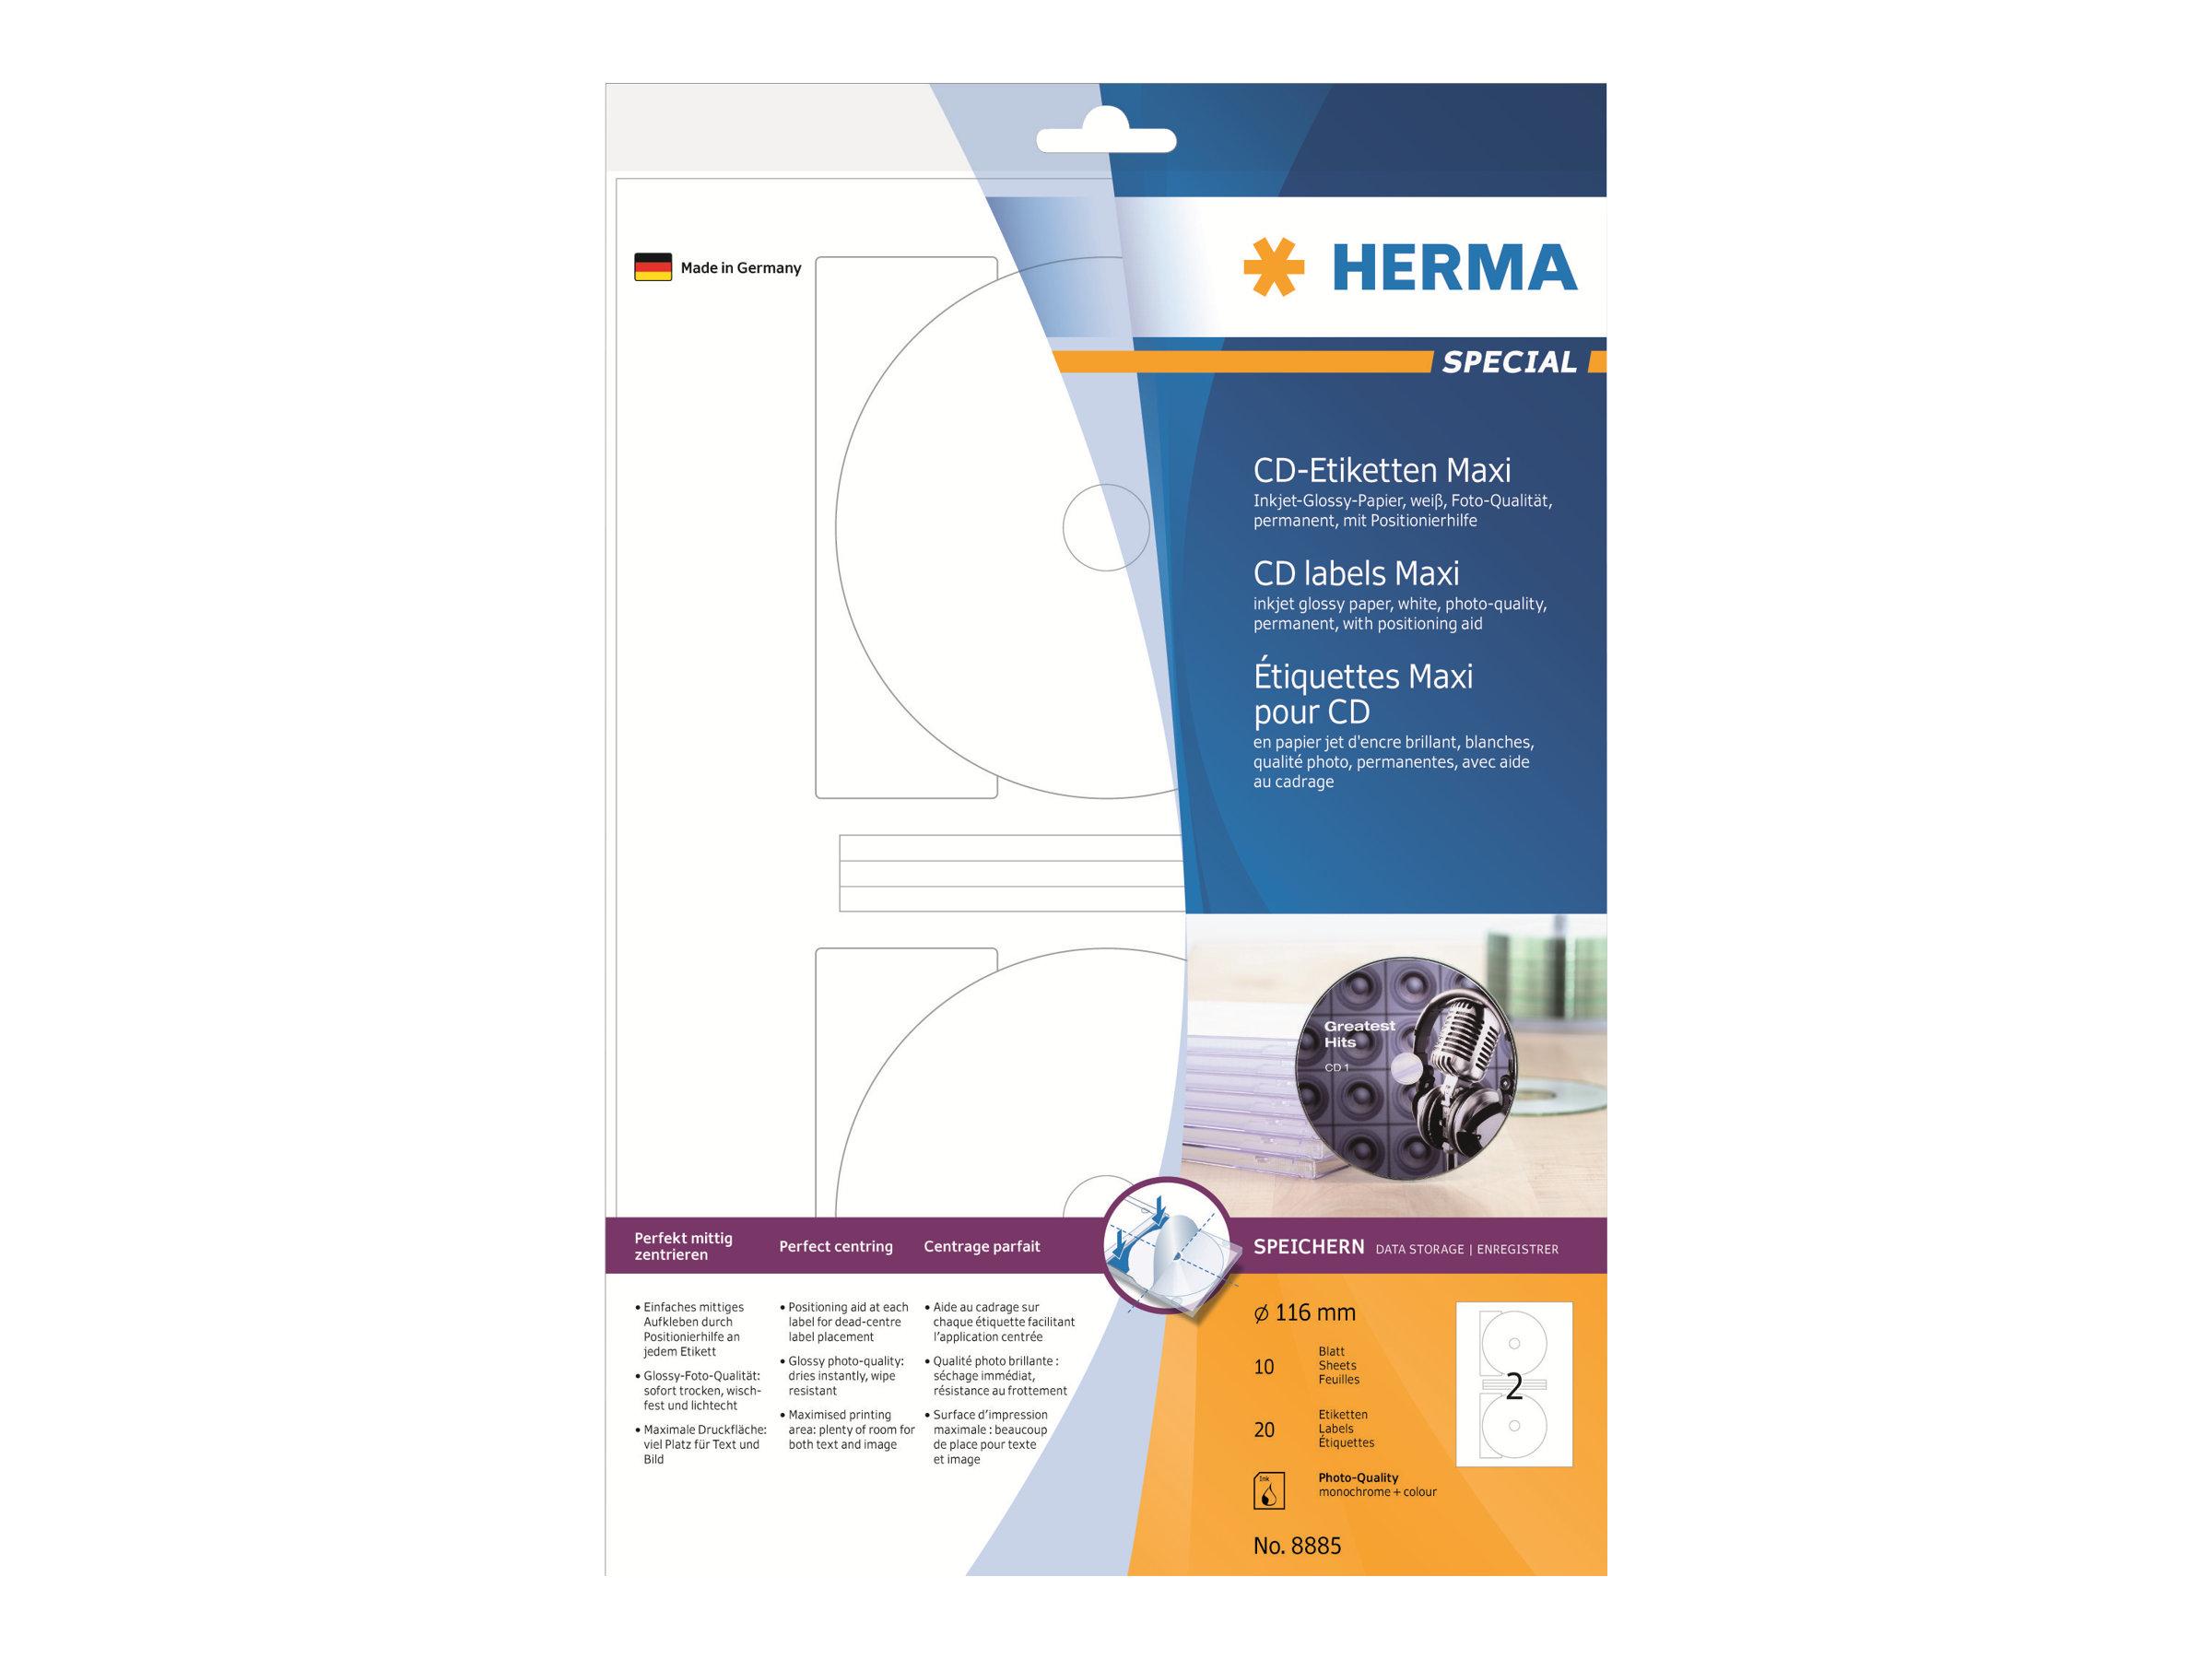 HERMA Special Maxi - Papier - hochglänzend - permanent selbstklebend - weiß - 116 mm rund - 120 g/m² - 20 Etikett(en) (10 Bogen x 2)